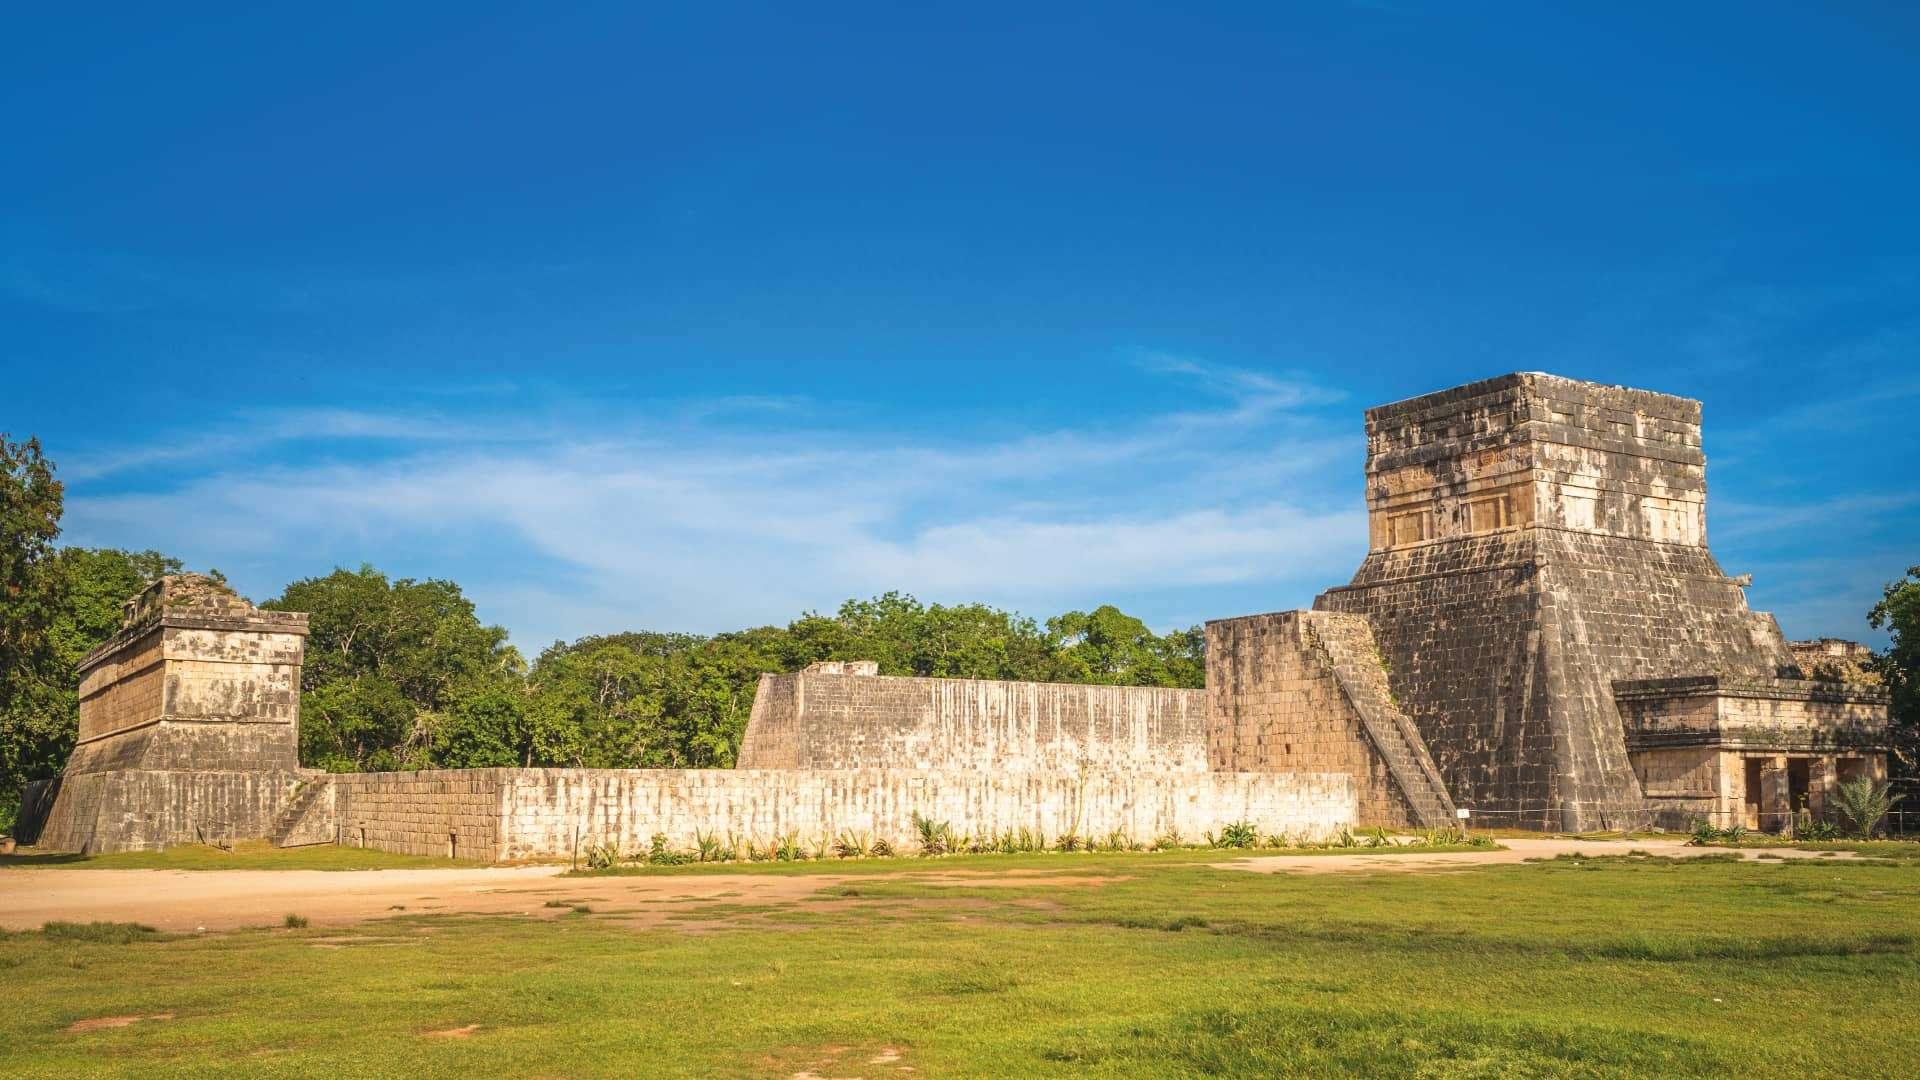 El juego de pelota de Chichén Itzá